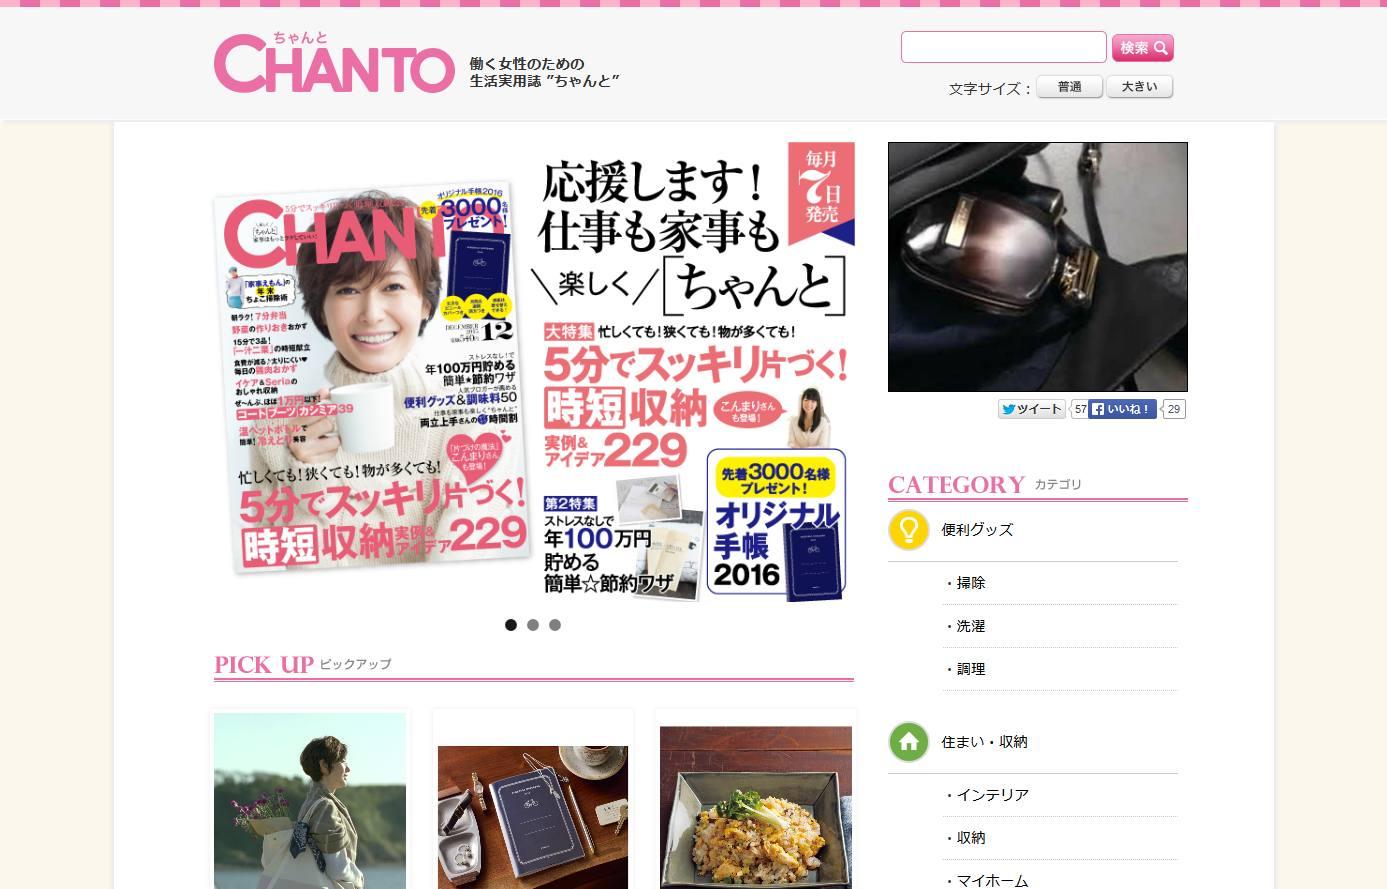 """CHANTO ちゃんと 働く女性のための生活実用誌 """"ちゃんと"""""""